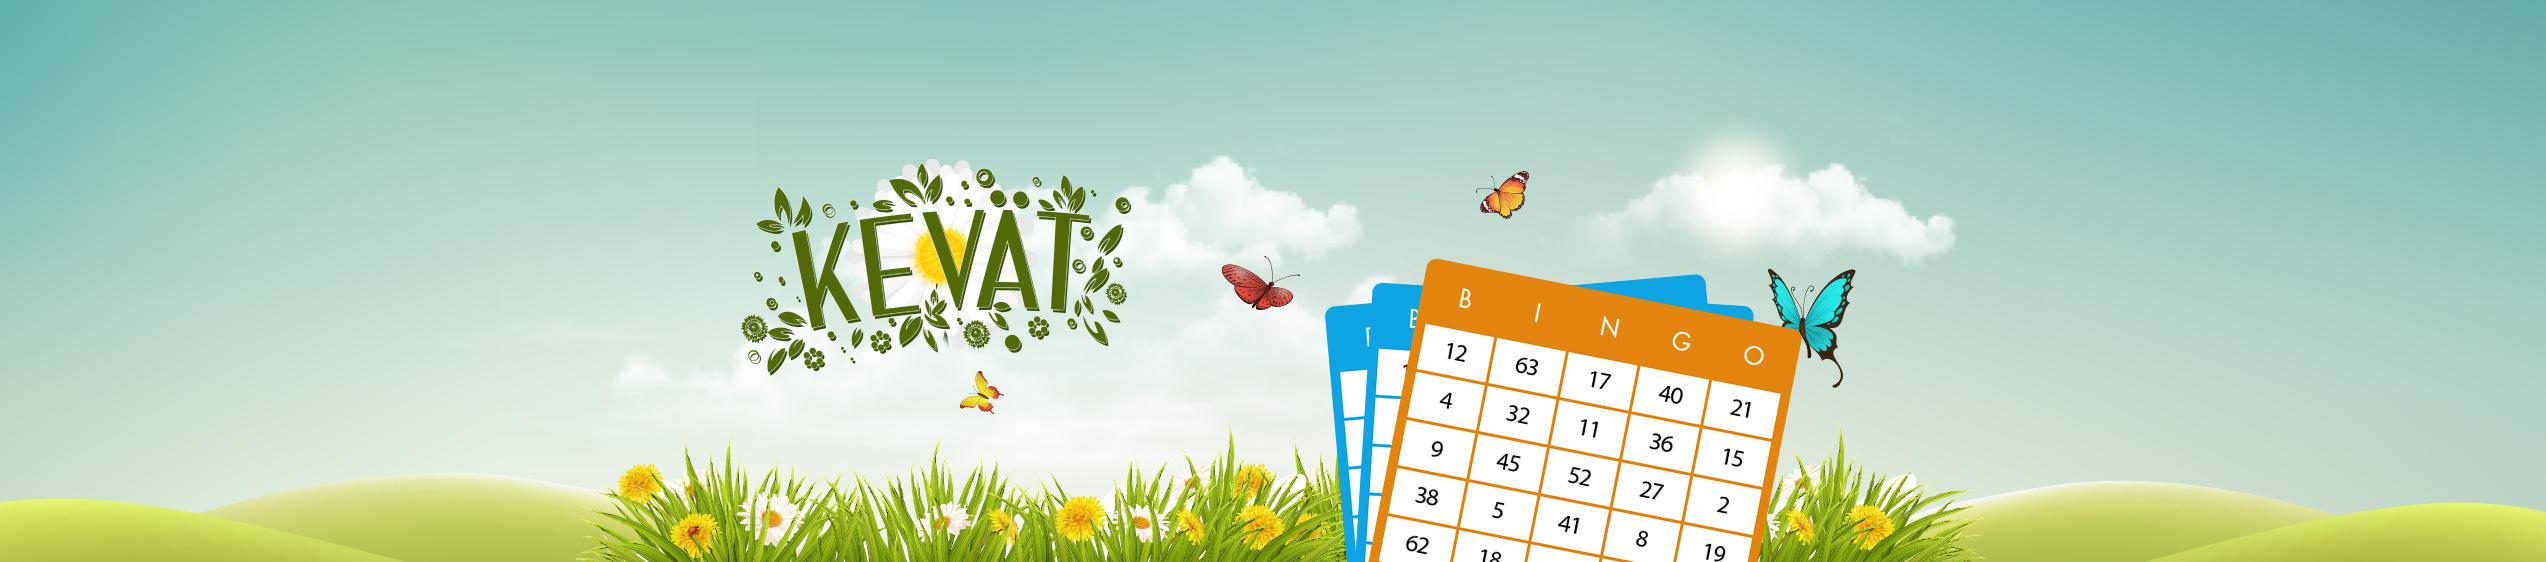 Pelaa kevät bingoa Bertilillä!